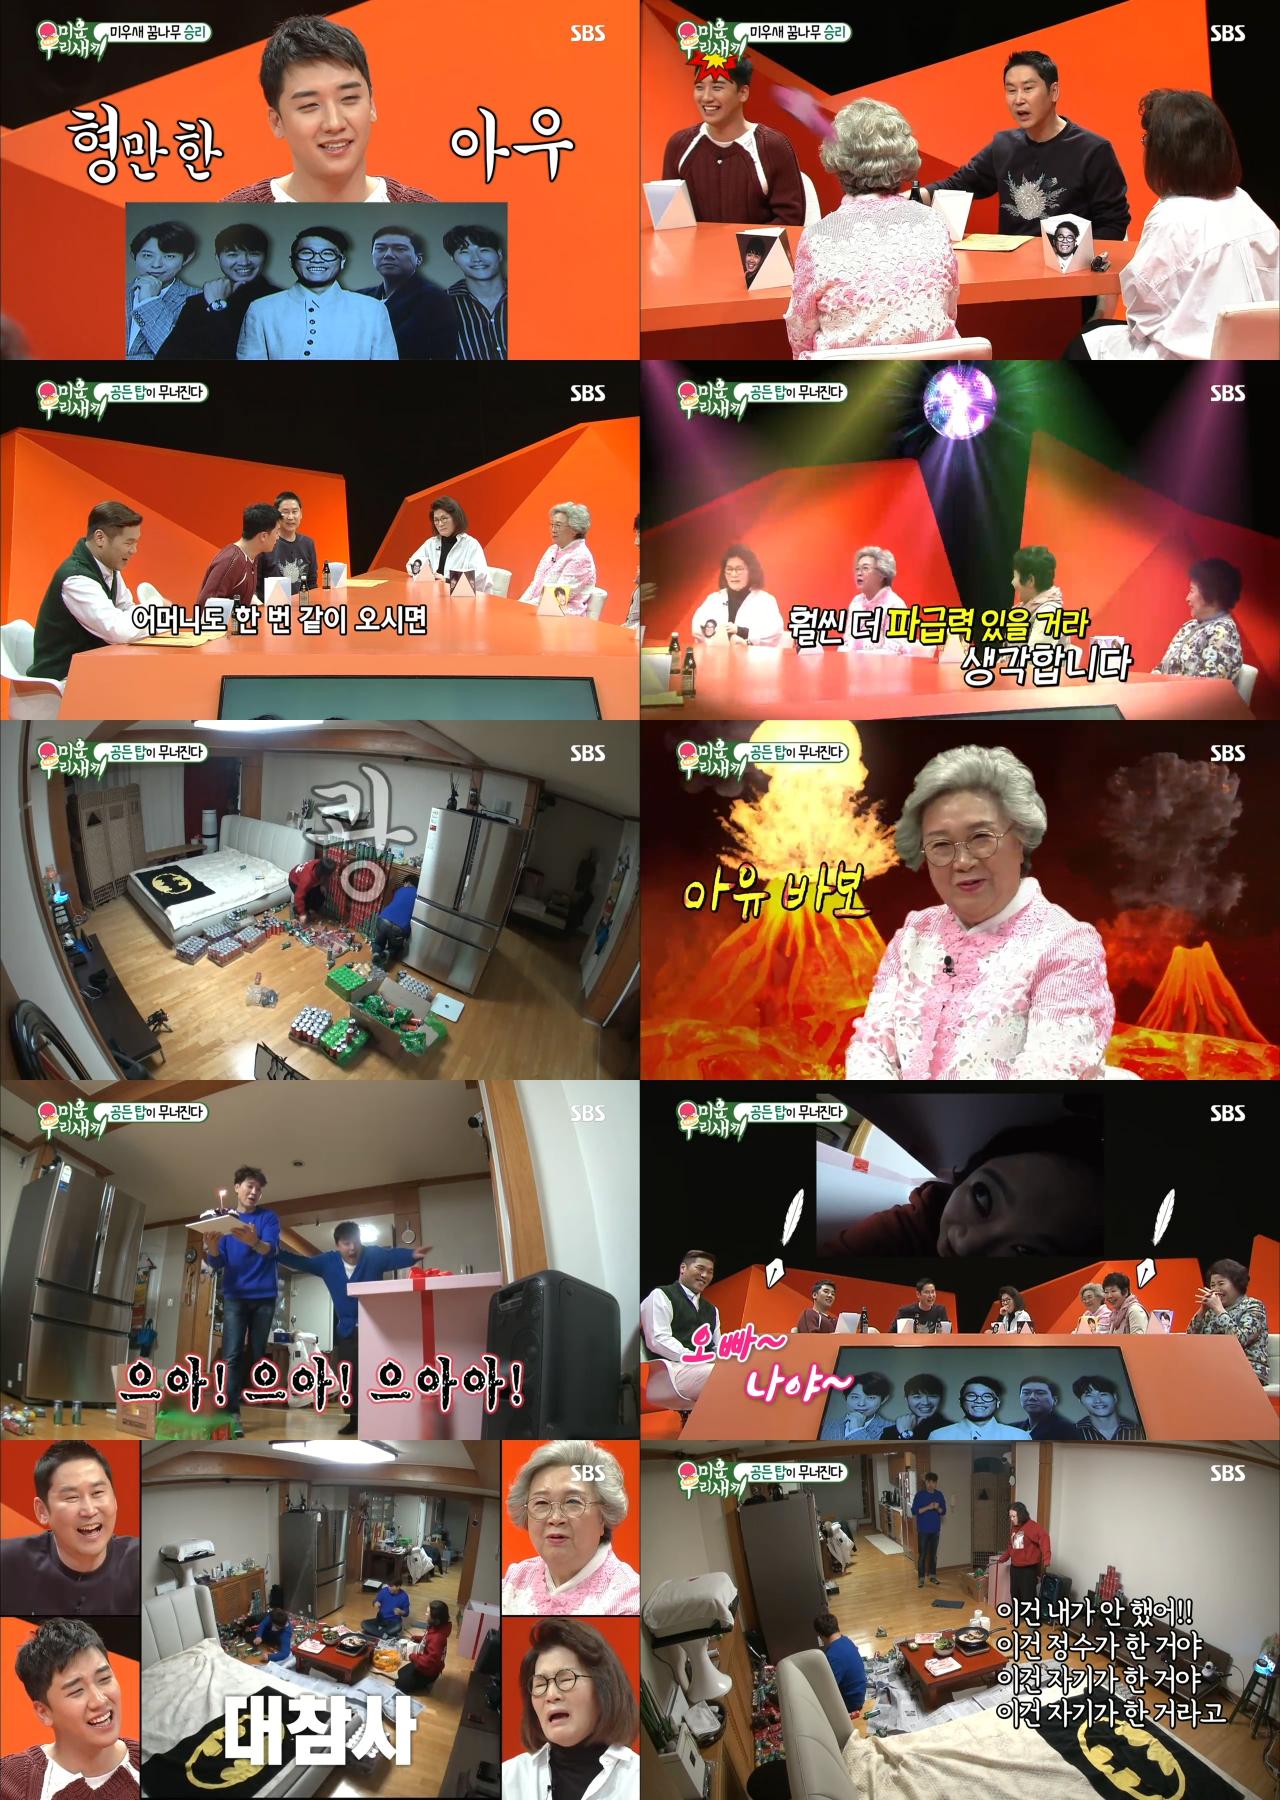 '미우새' 모벤져스 사로잡은 승리 입담…日 예능 1위 굳건